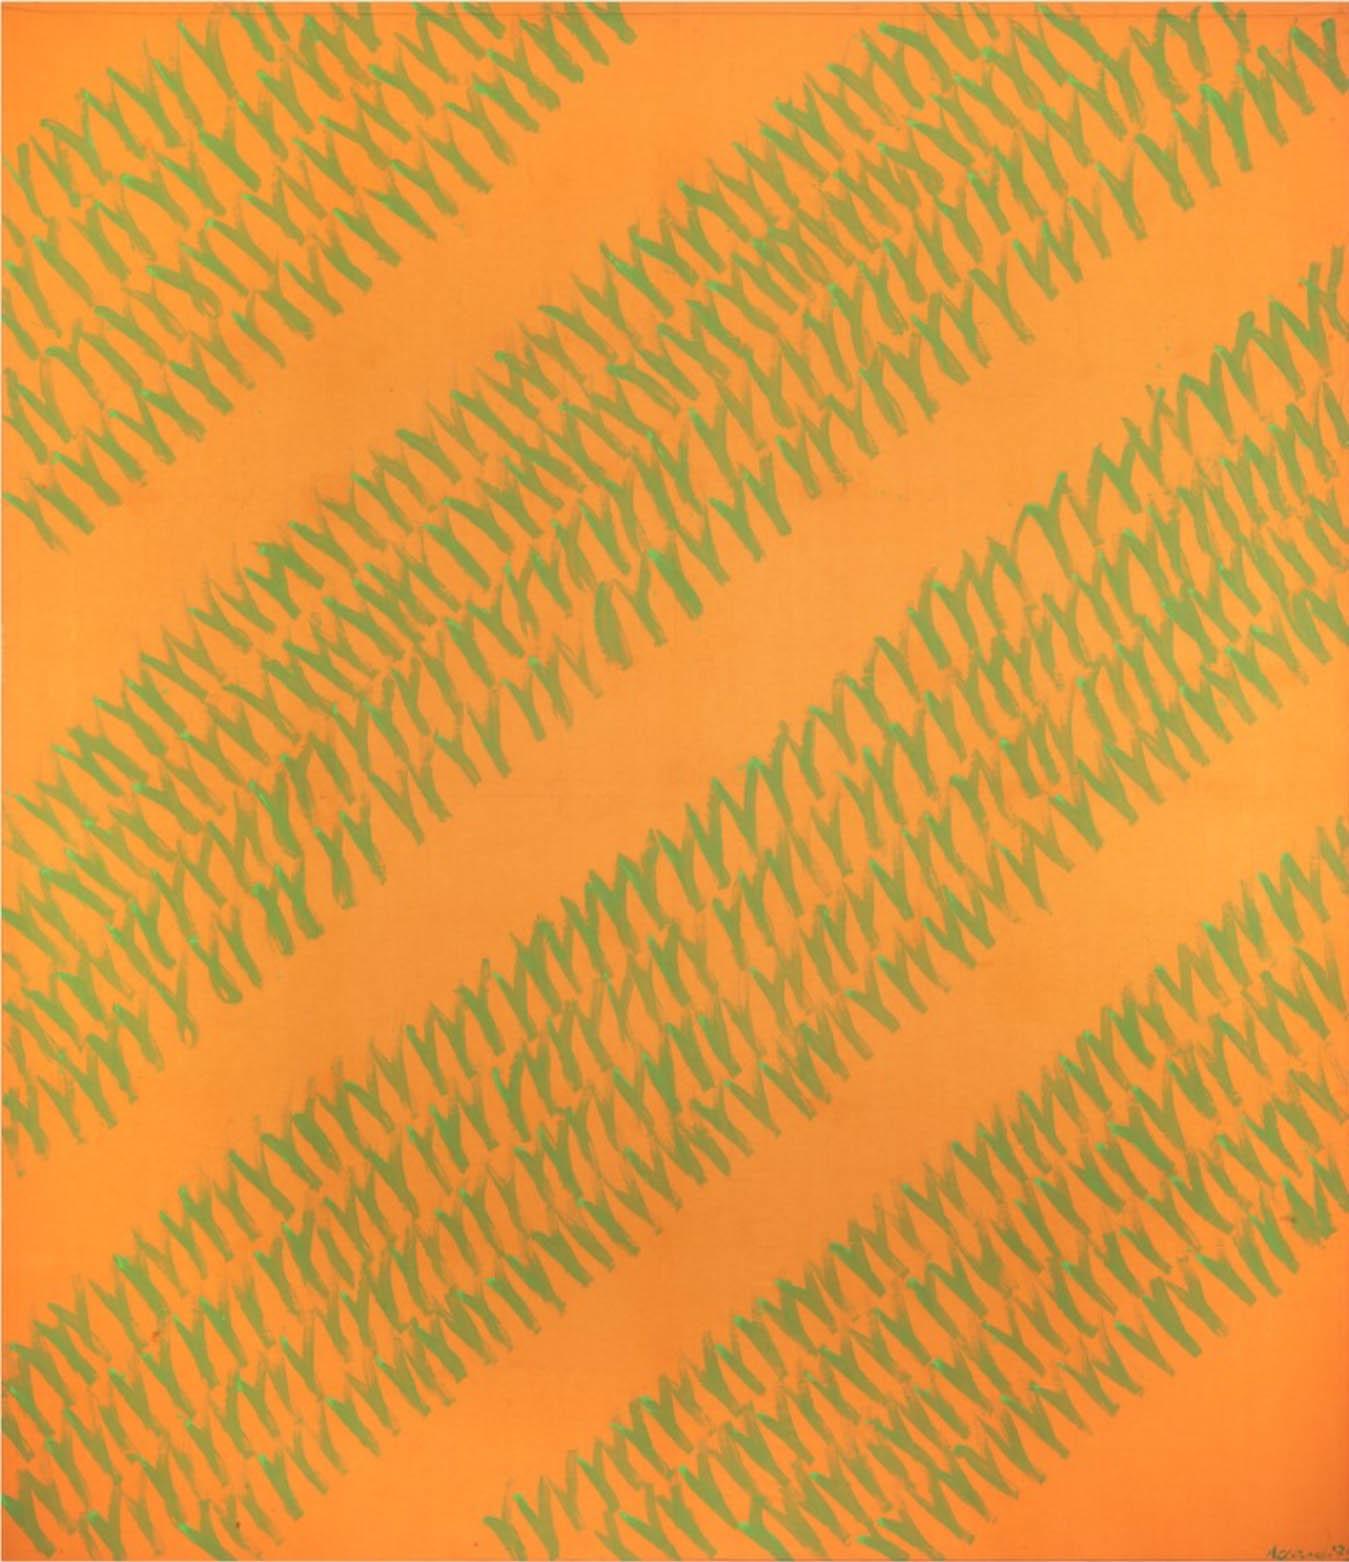 Arancioverde (Lenzuolo)